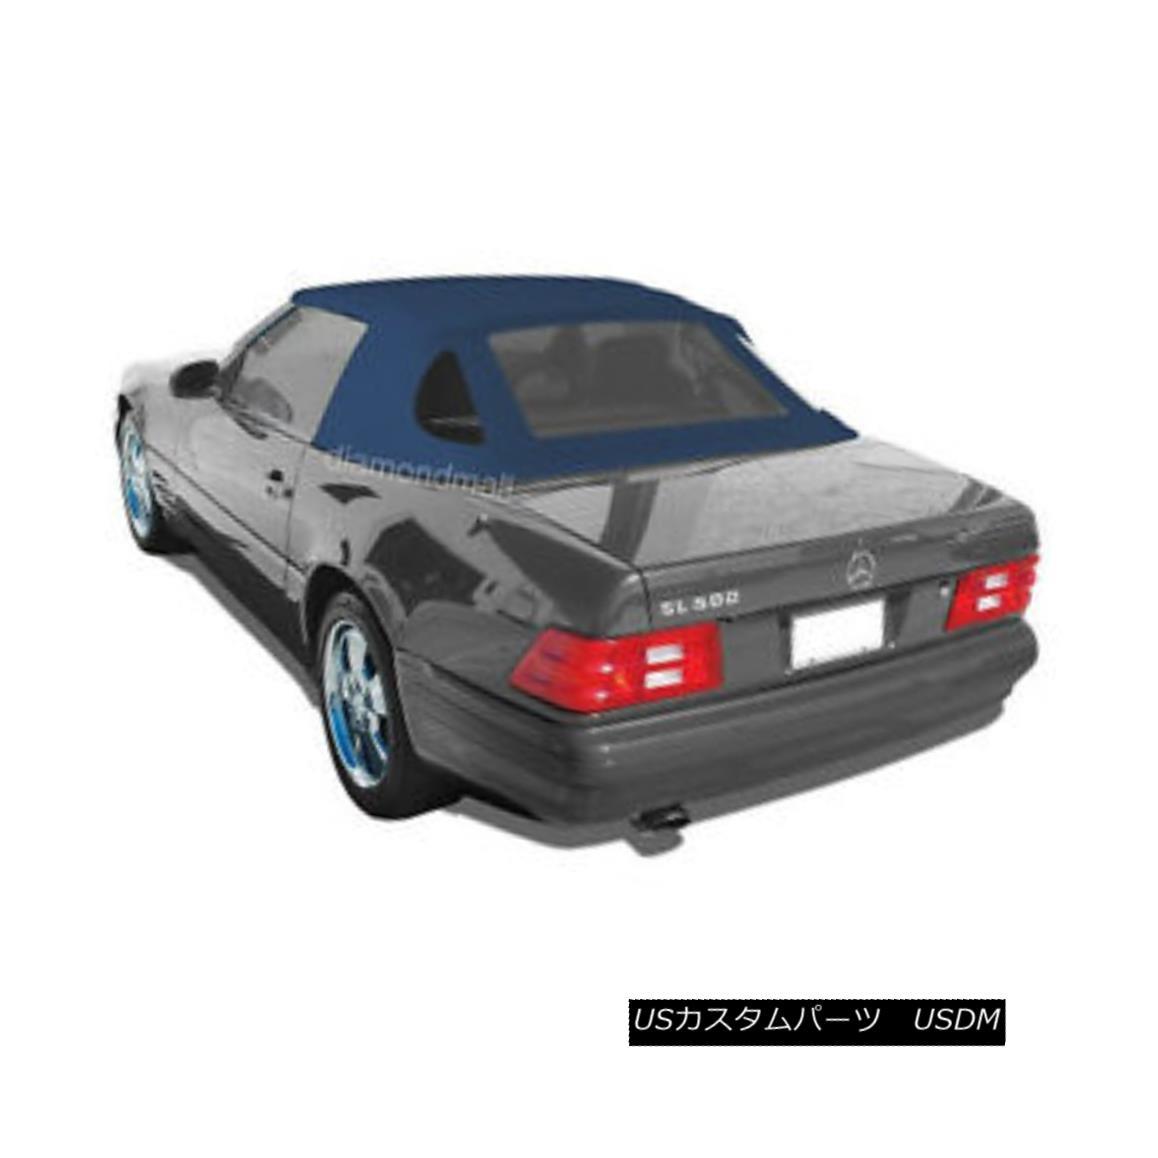 幌・ソフトトップ Mercedes R129 SL Convertible Soft Top 1990-2002 BLUE GERMAN OEM Canvas Cloth メルセデスR129 SLコンバーチブルソフトトップ1990-2002 BLUE GERMAN OEMキャンバスクロス